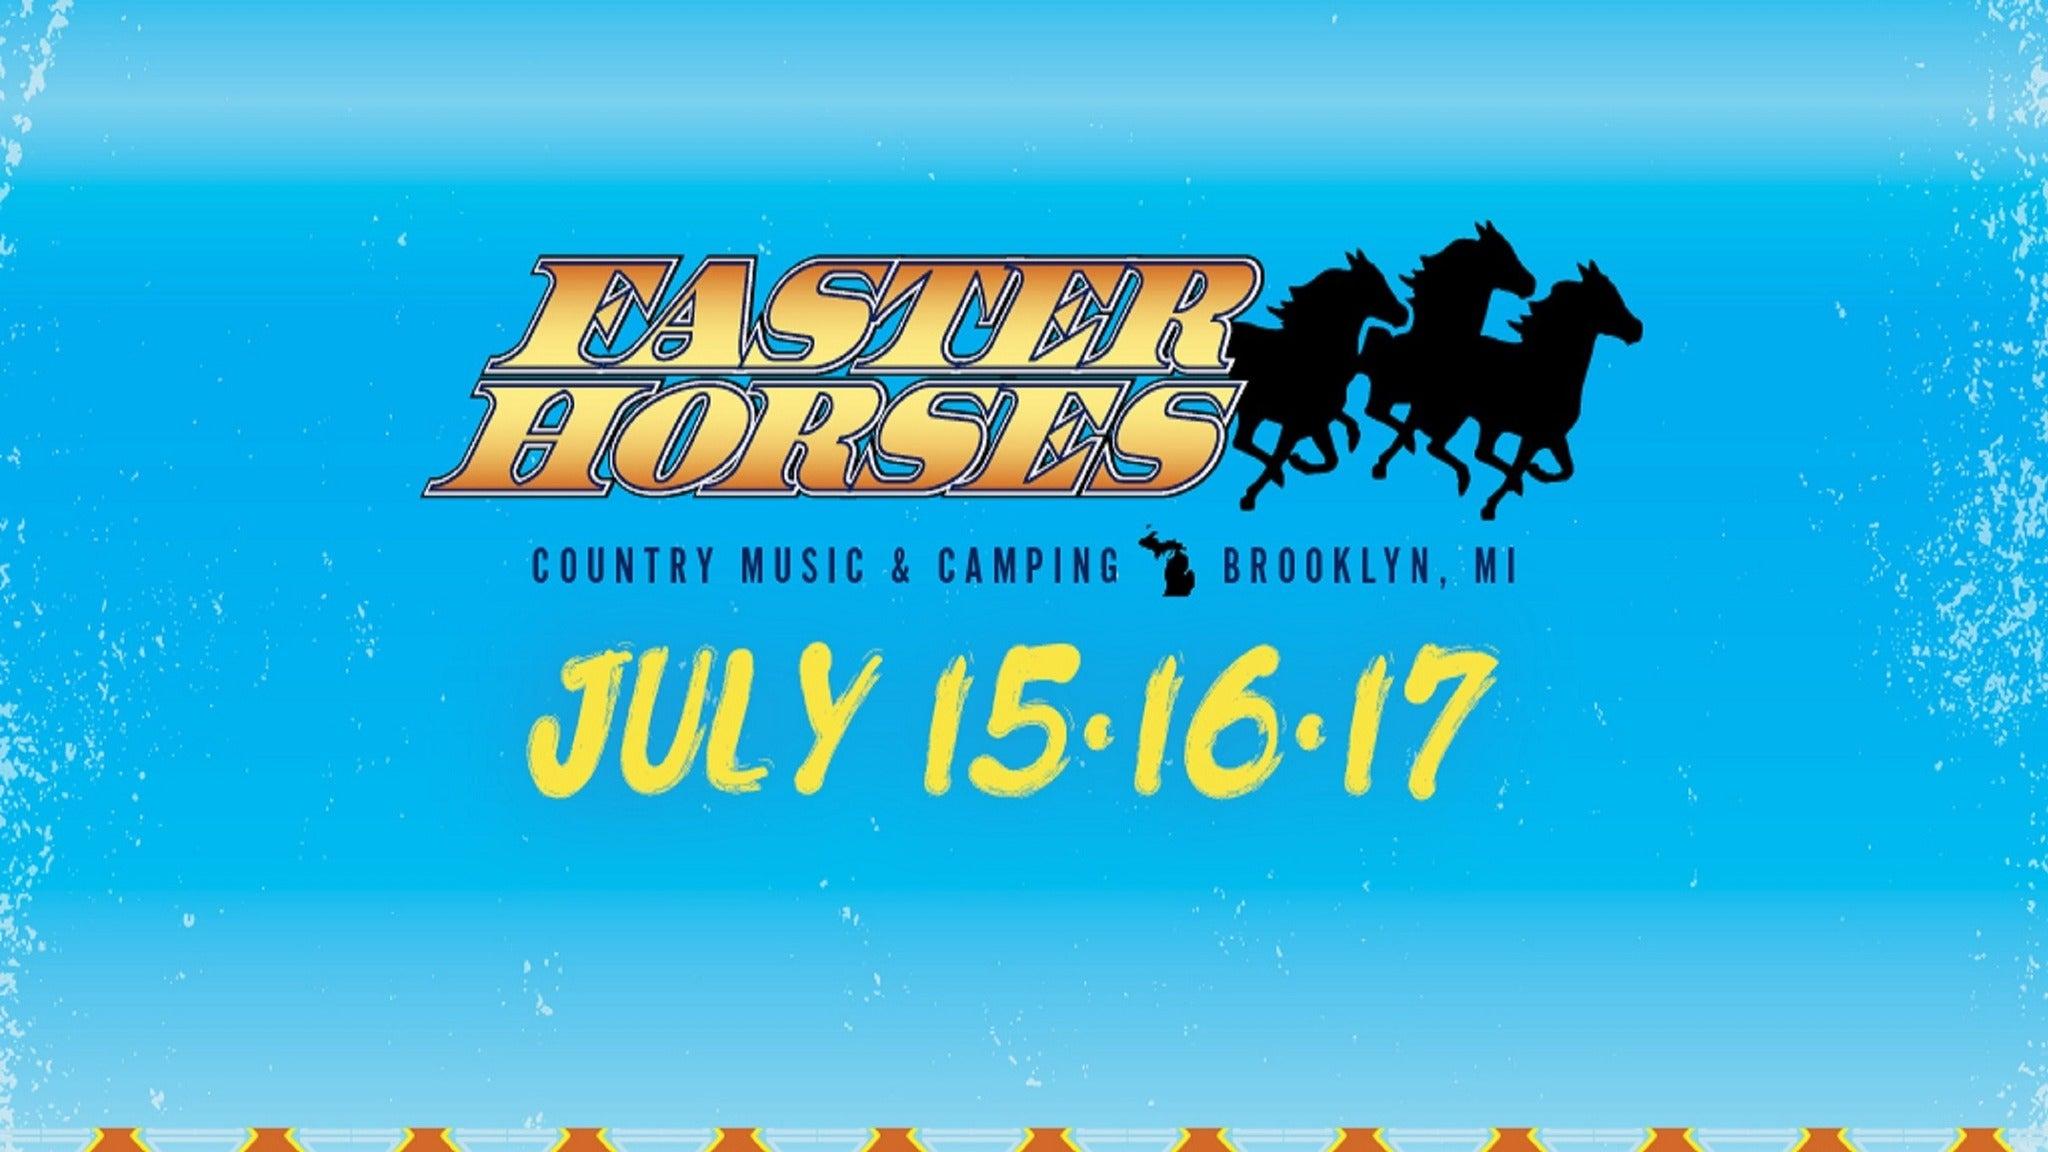 Faster Horses Festival